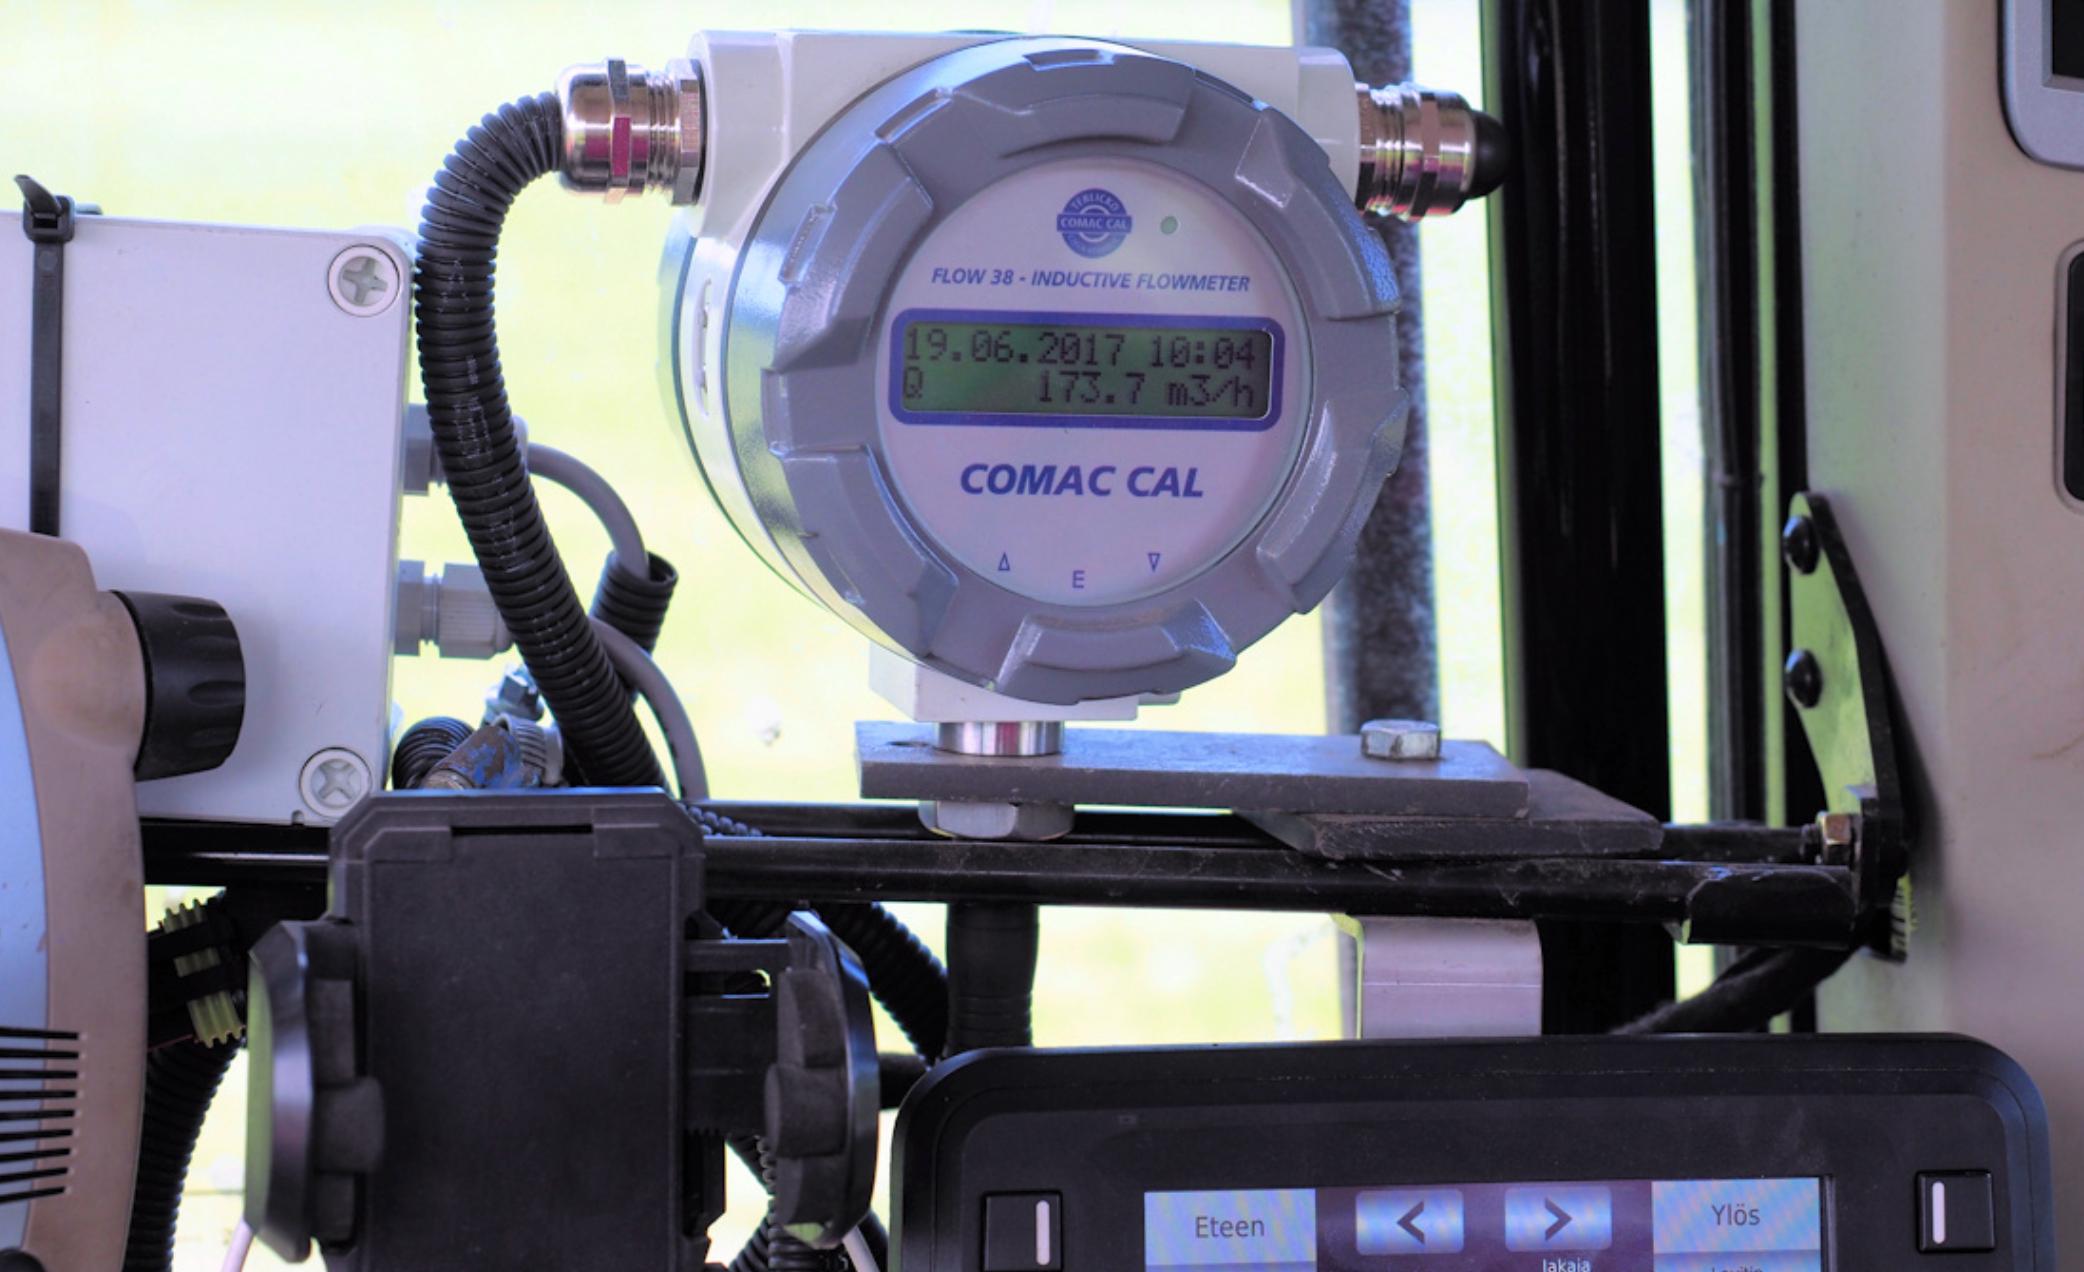 Đồng hồ đo lưu lượng Flow38 Comac Cal